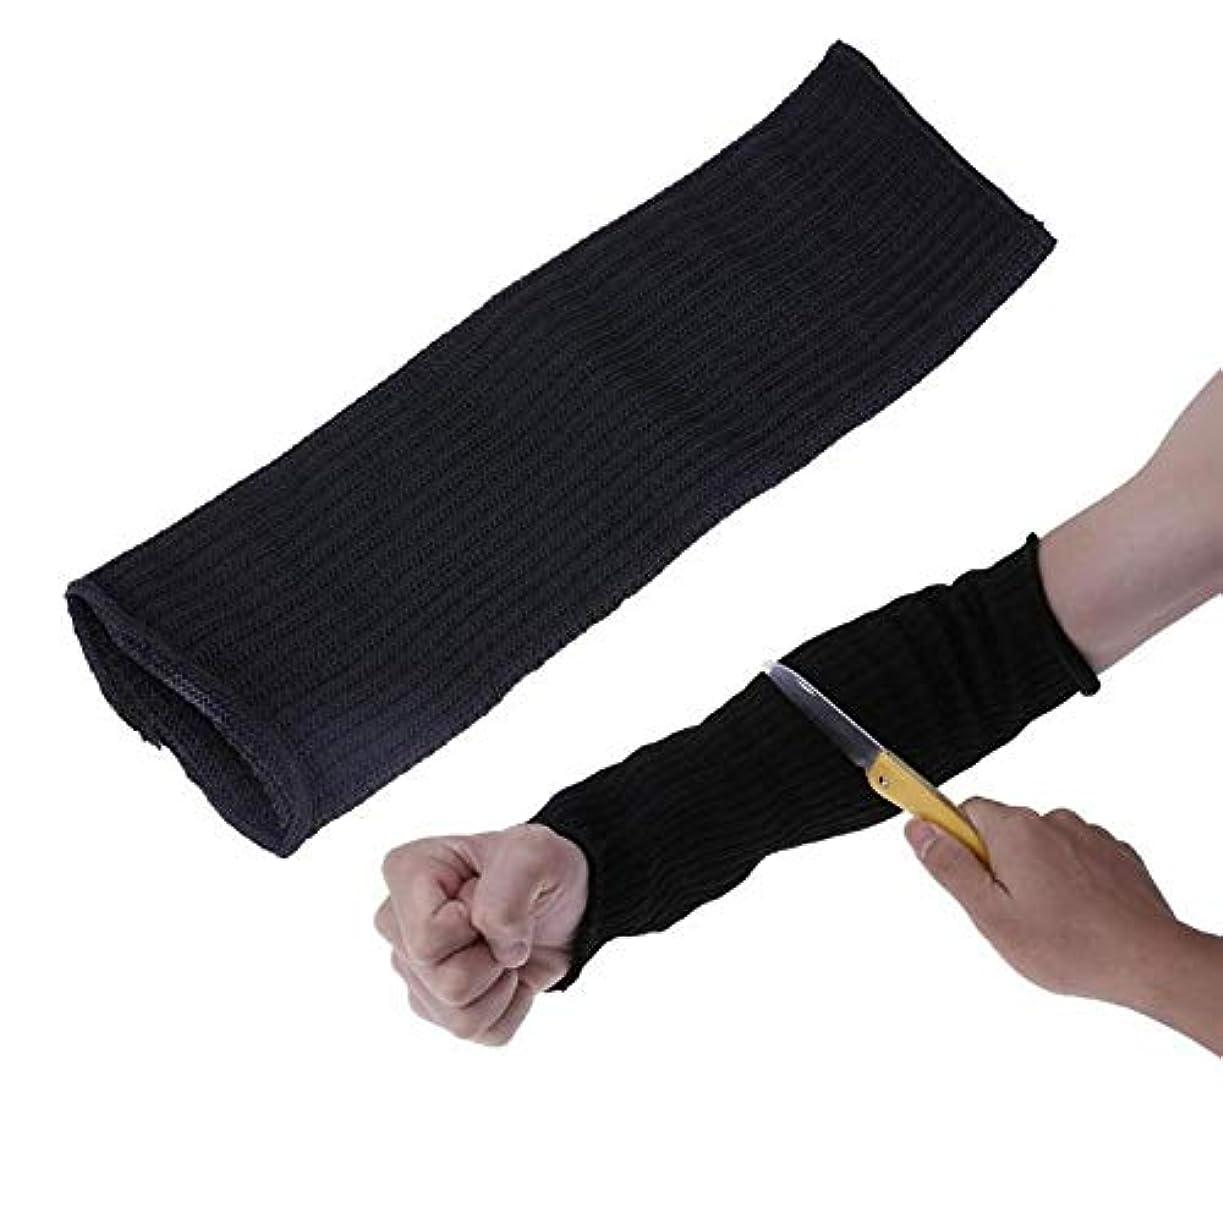 鼻振動させる増強するRRT 二の腕シェイパー アームカバー 手袋 左右2着セット 引き締め 痩せ サポーター 滑り止め 吸汗速乾 冷感作用 引き締め 痩せ サポーター